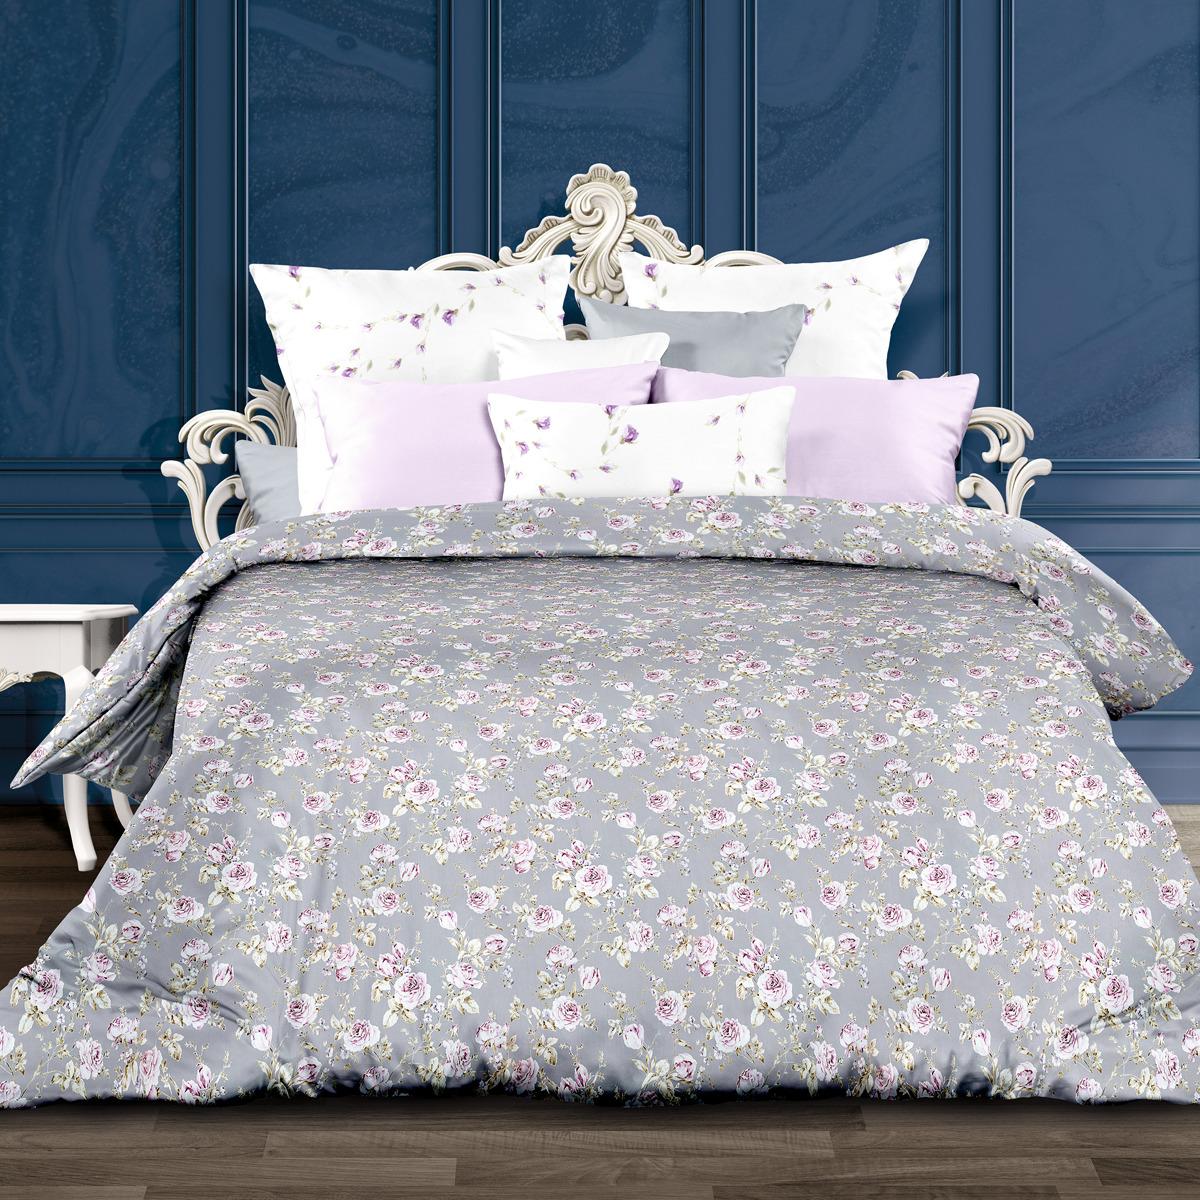 Комплект постельного белья Унисон Амелия, 556920, семейный, наволочки 70x70 комплект постельного белья унисон криолло